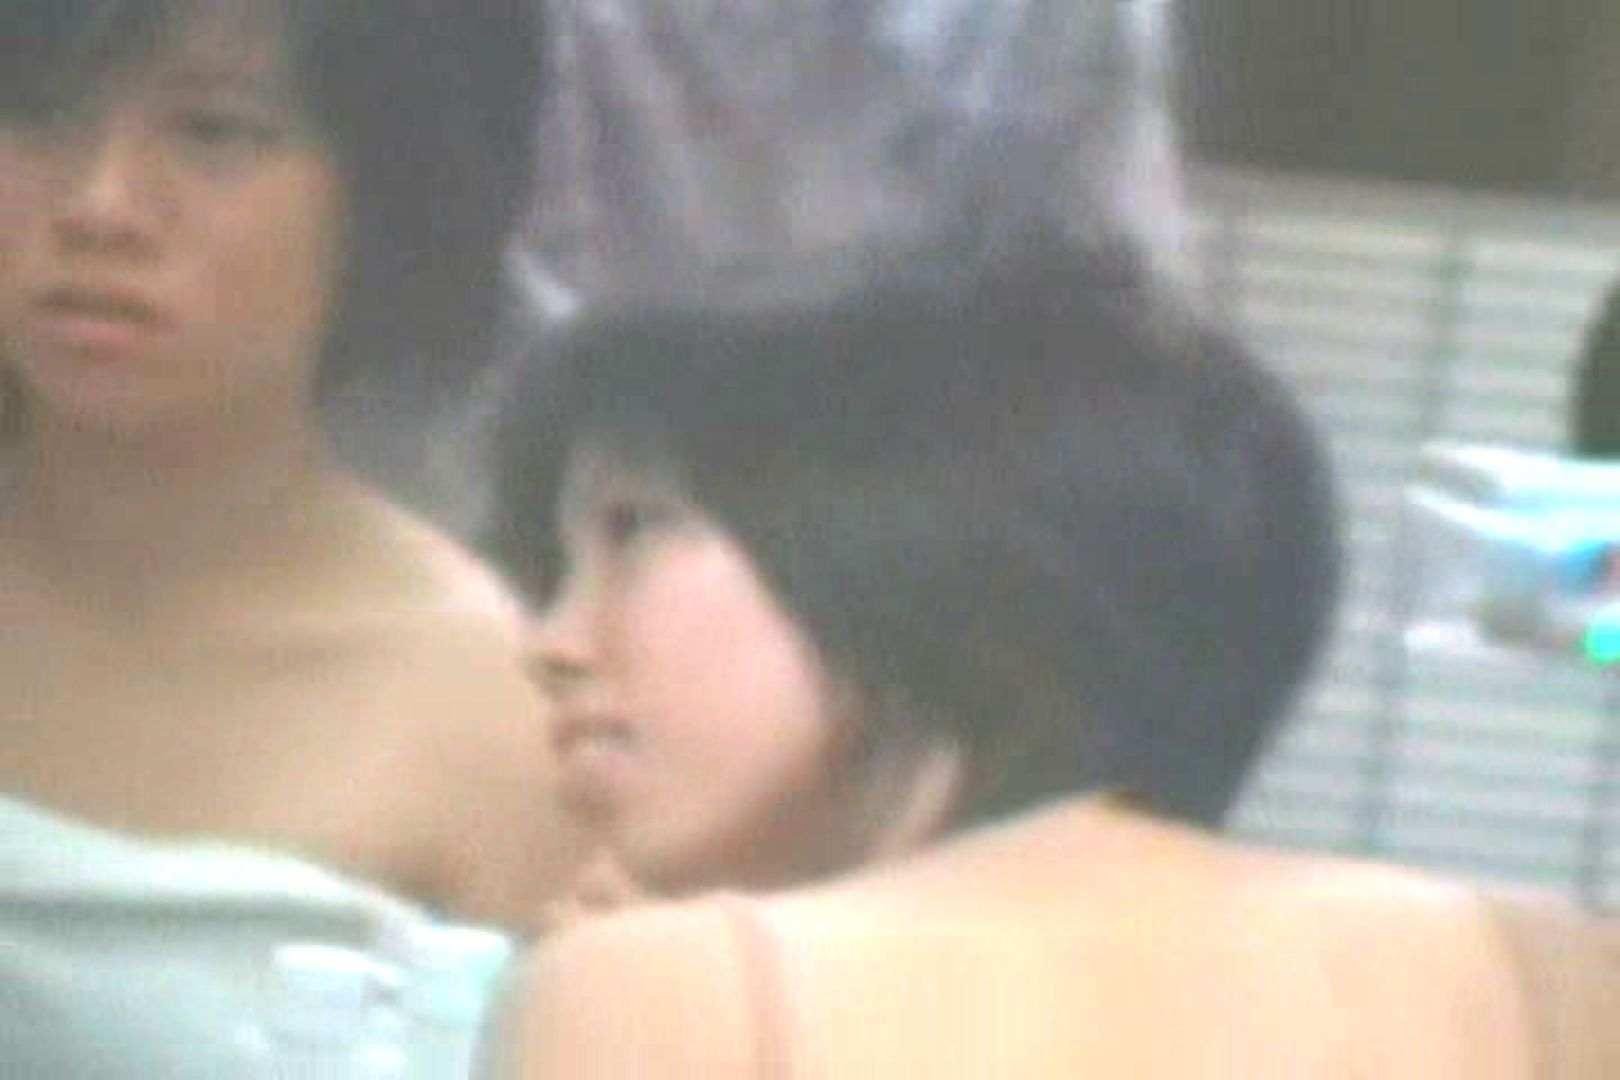 素人投稿シリーズ 盗撮 覗きの穴場 大浴場編 Vol.5 盗撮  106枚 89